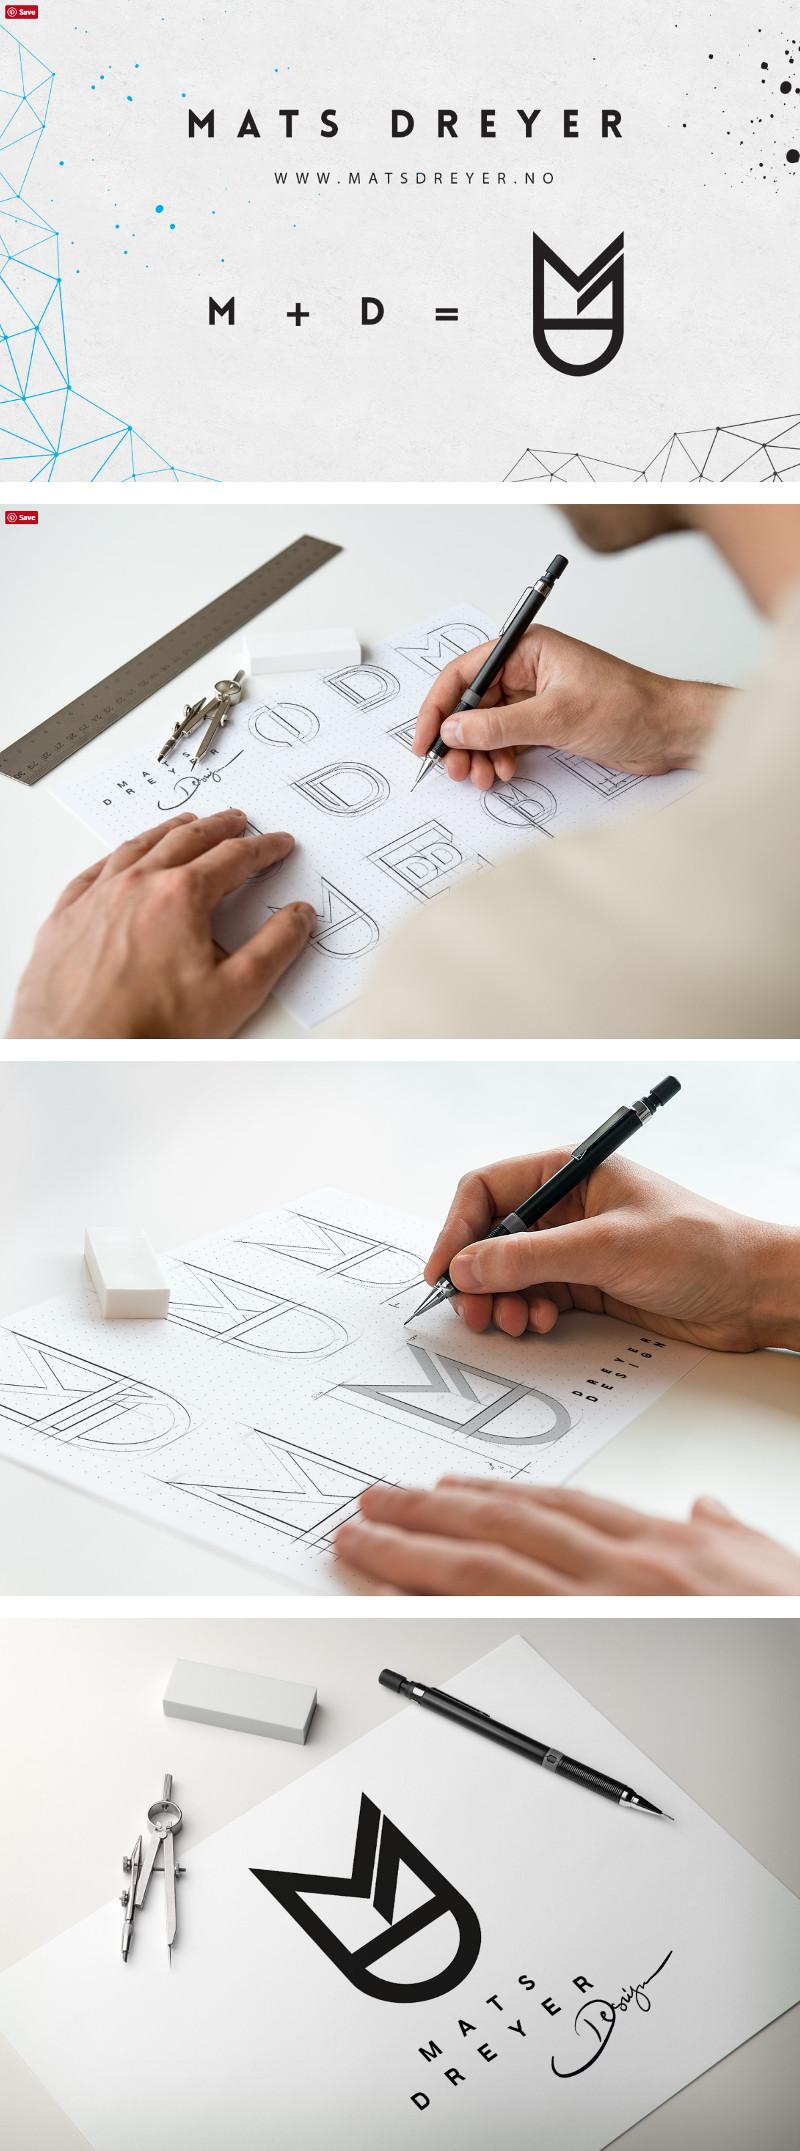 Identidades de marca personal de Diseñadores Creativos - Identidad de Mats Dreyer